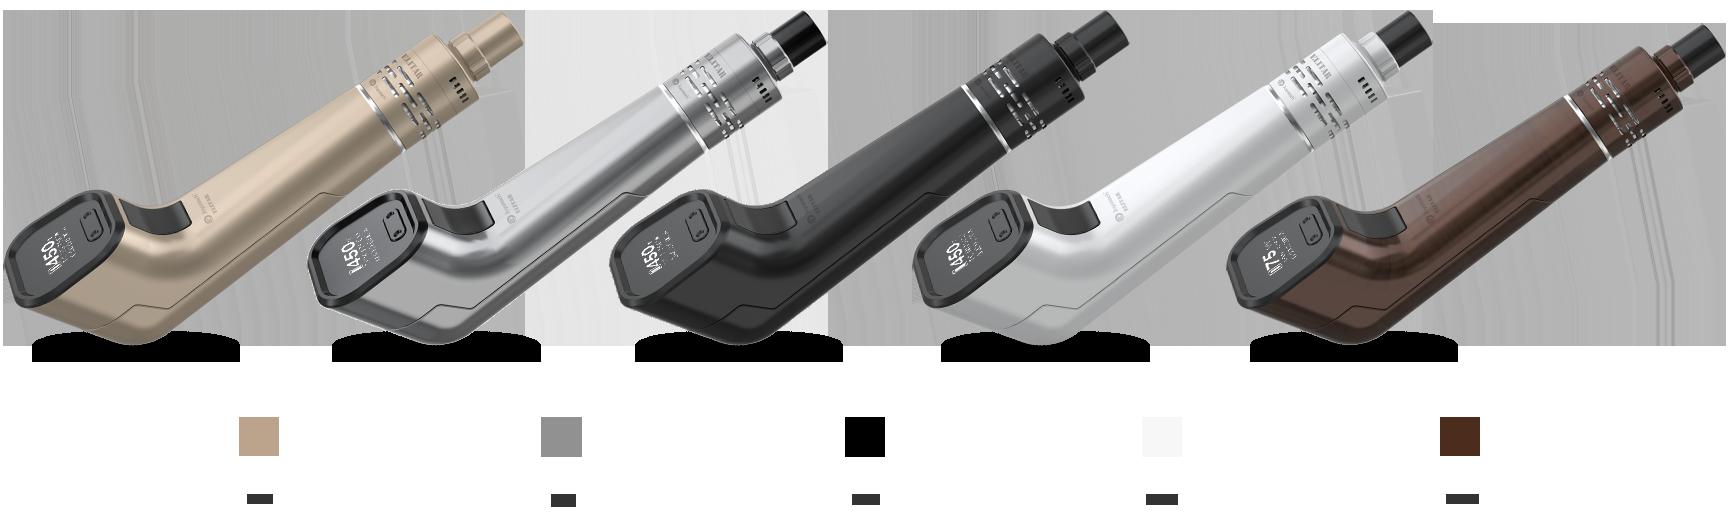 Joyetech Elitar Pipe Elektronik Sigara